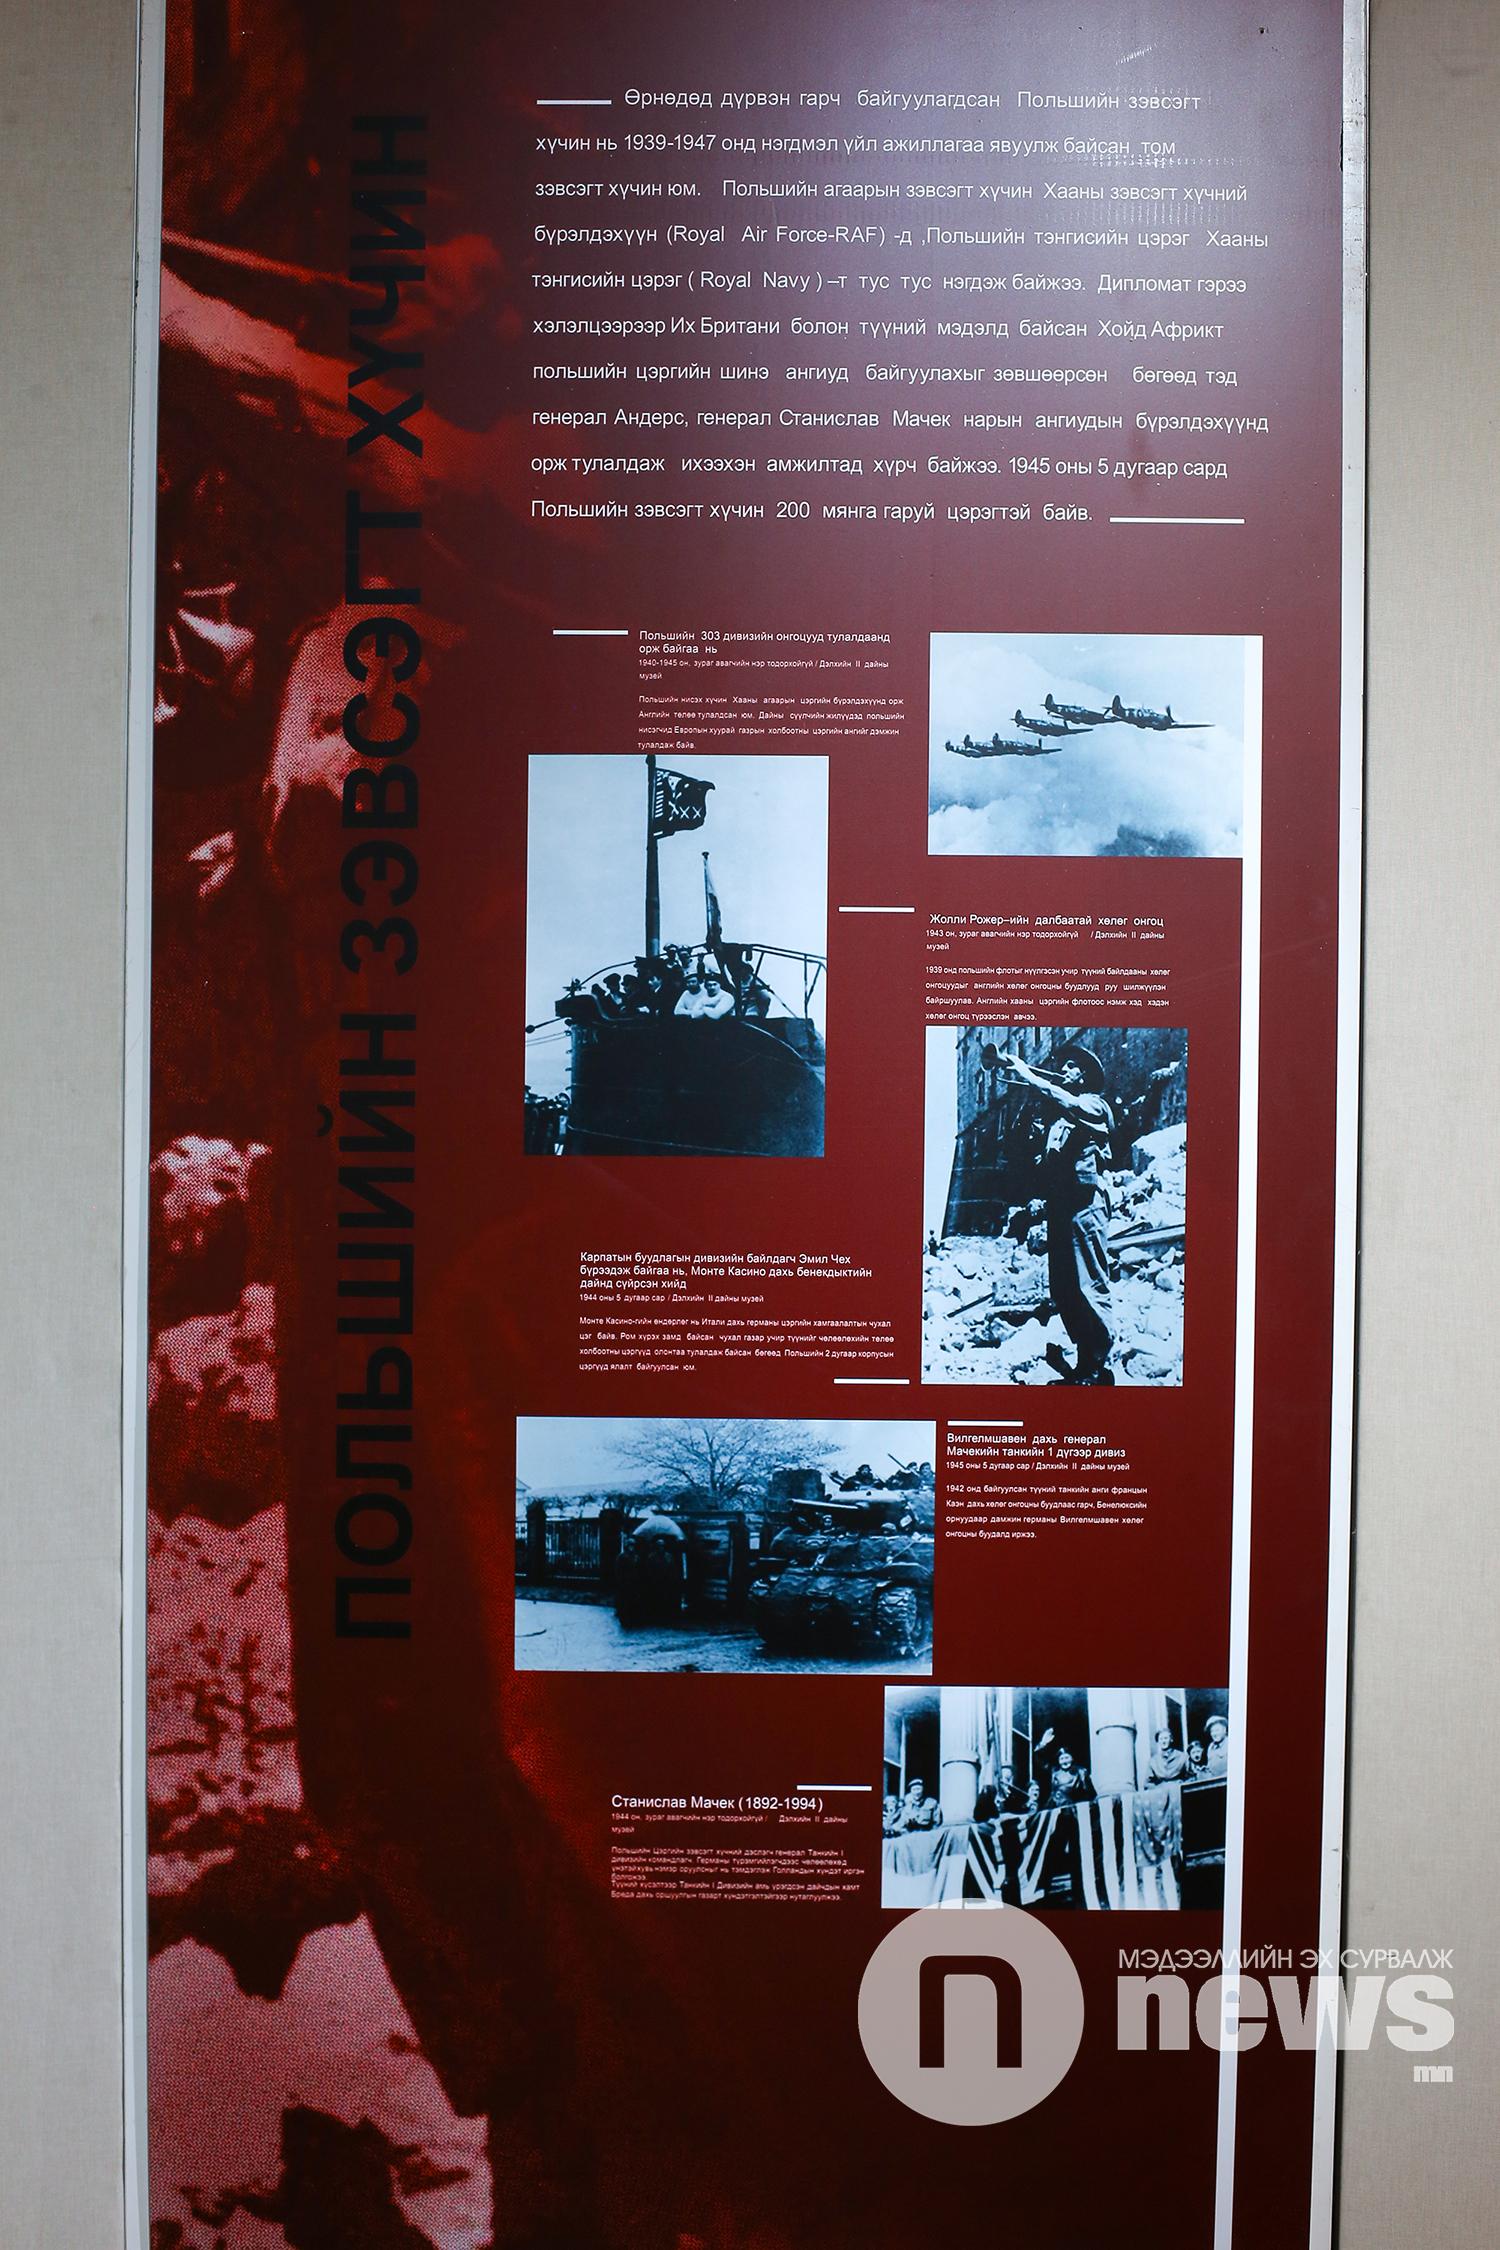 Дэлхийн 2-р дайн Польш (26)